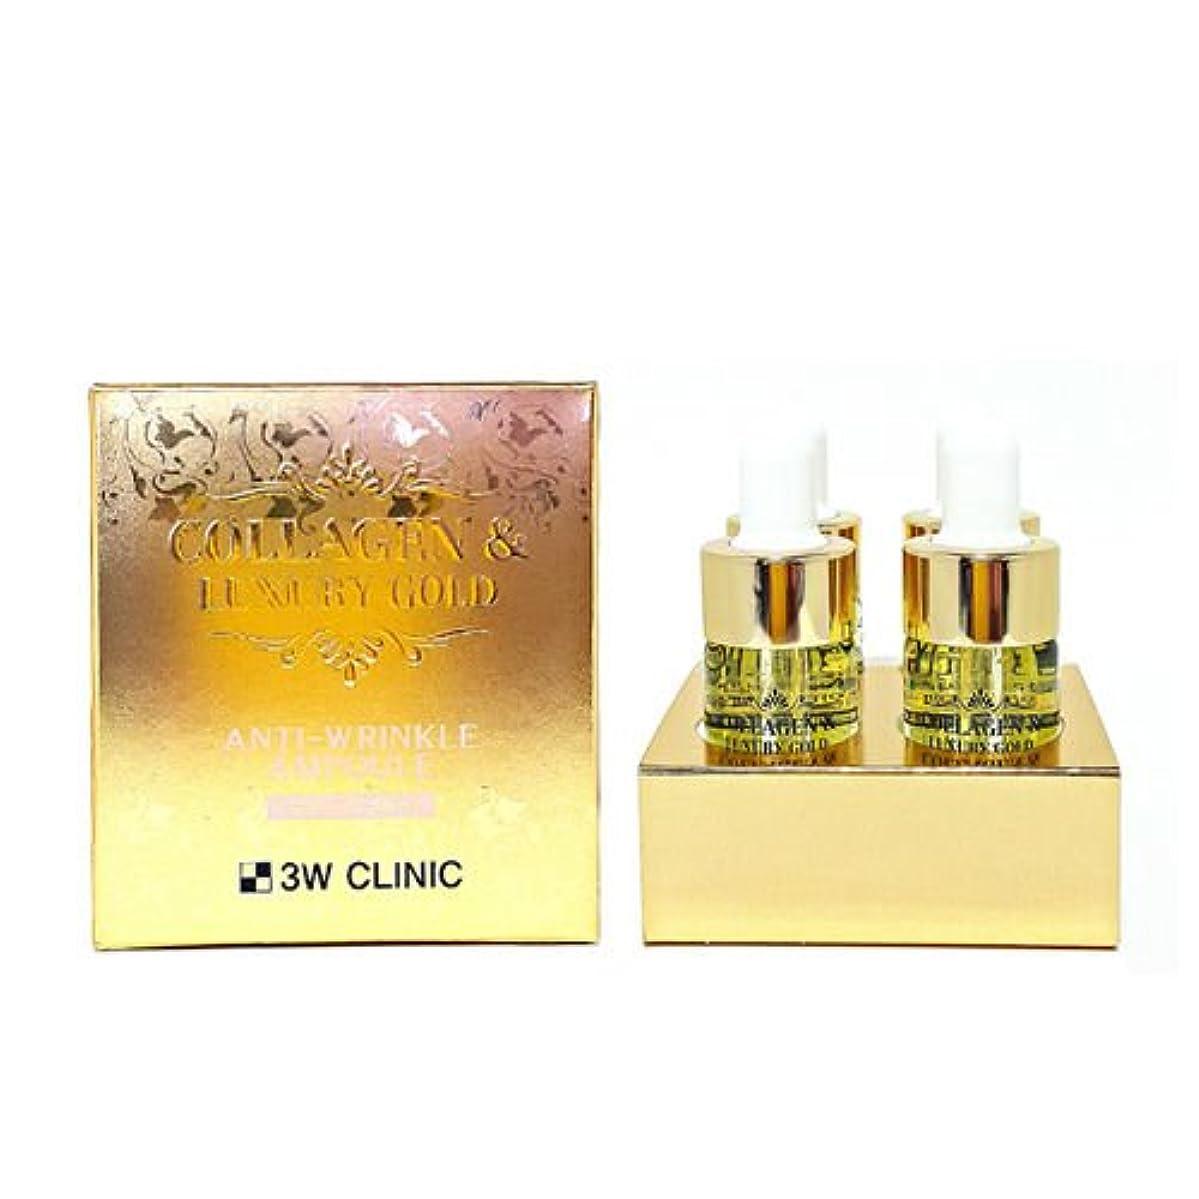 サリー想定女優3Wクリニック[韓国コスメ3w Clinic]Collagen & Luxury Gold Anti-Wrinkle Ampoule コラーゲンラグジュアリーゴールド アンチリンクルアンプル13mlX4個[並行輸入品]